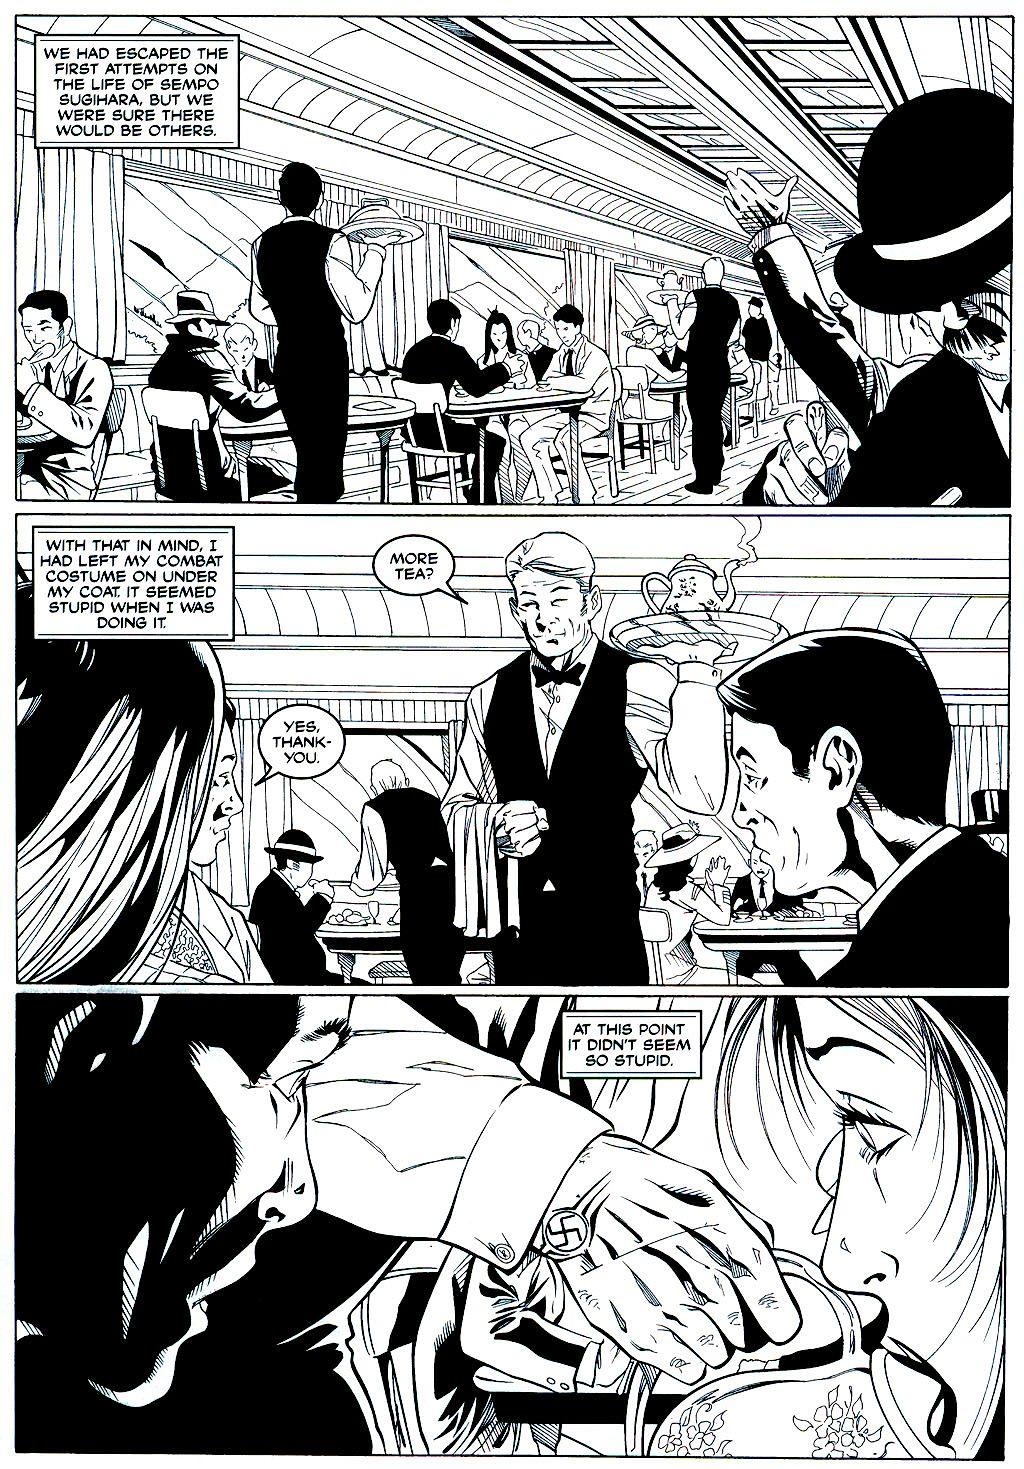 Read online Shi: Sempo comic -  Issue #2 - 3